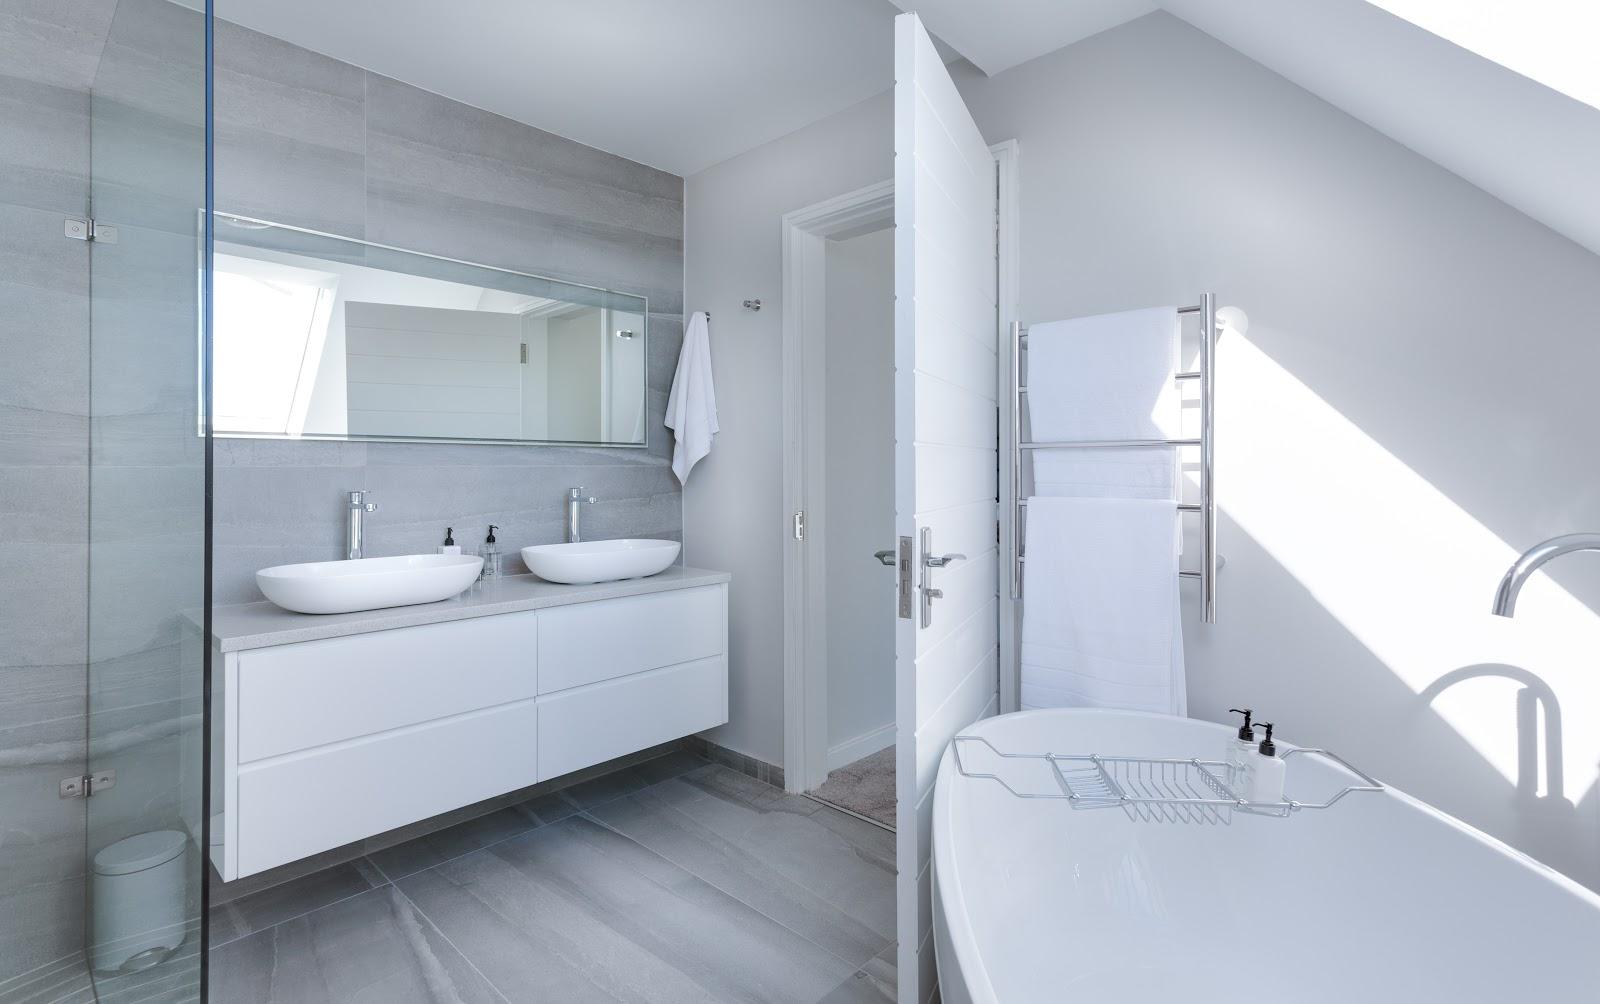 Dom moich marzeń- panele szklane do łazienki.